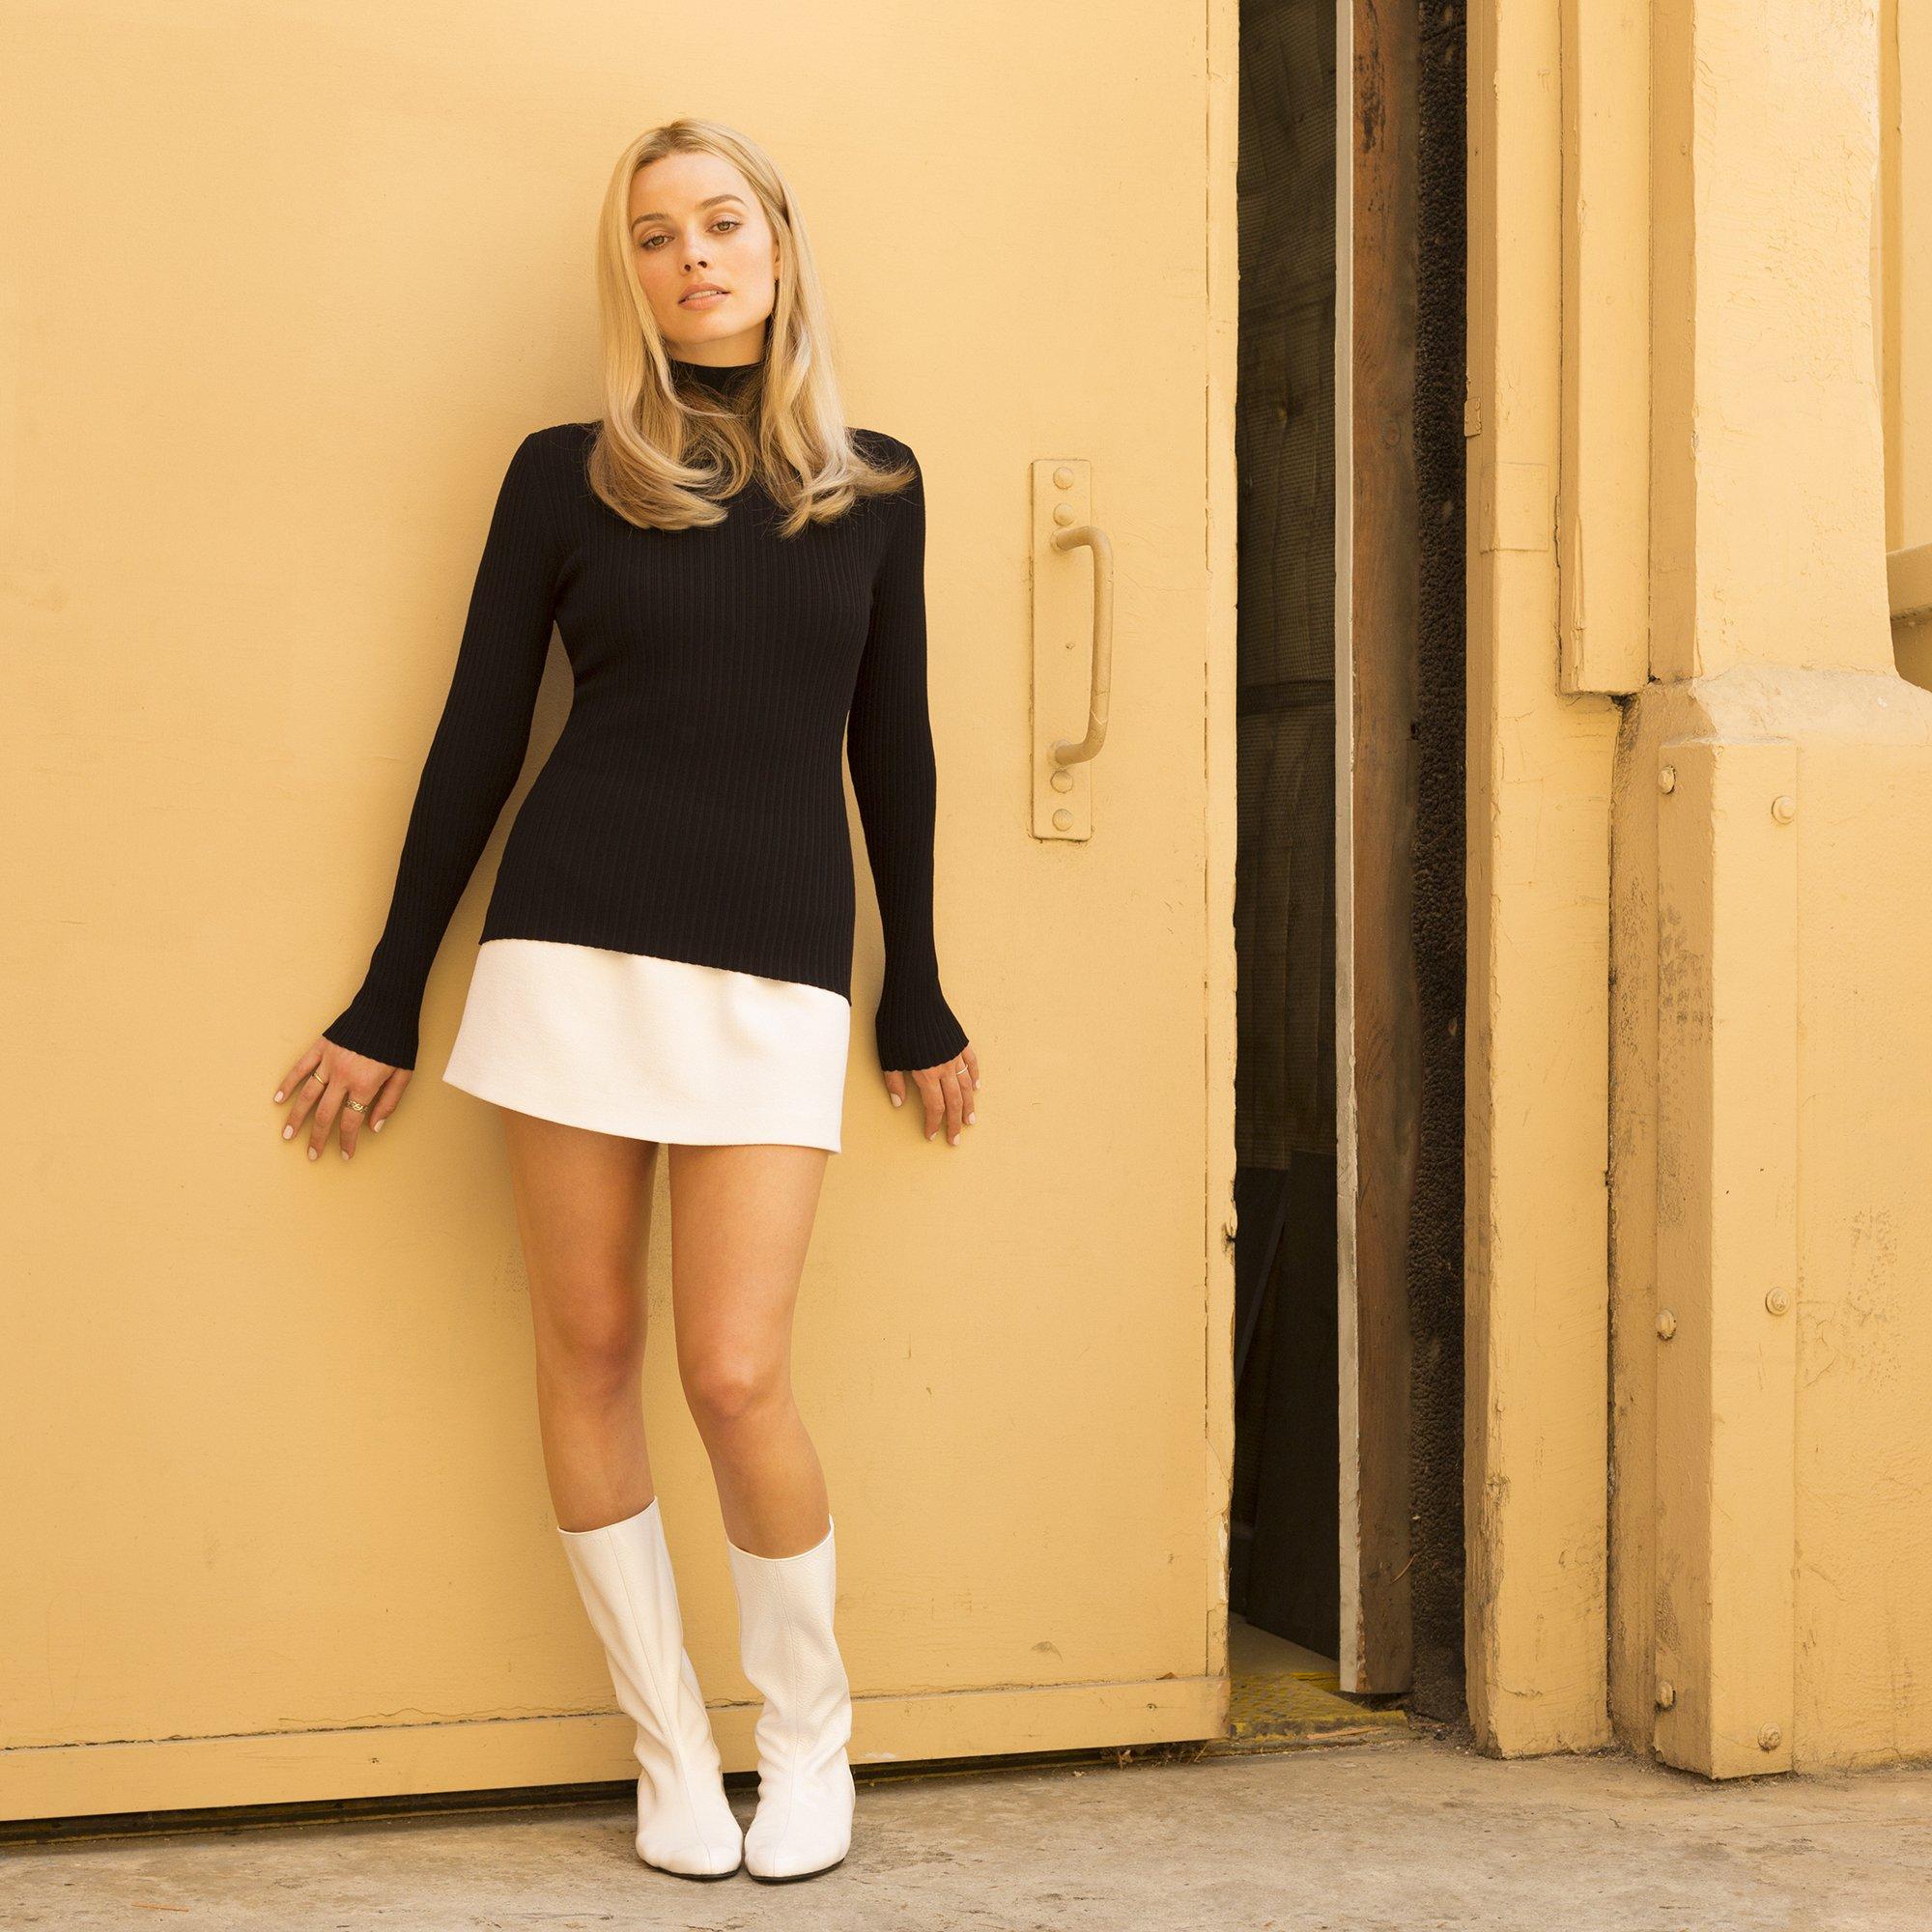 thời trang trong phim once upon a time in hollywood margot robbie áo cổ lọ đen tay dài chân váy trắng boots trắng